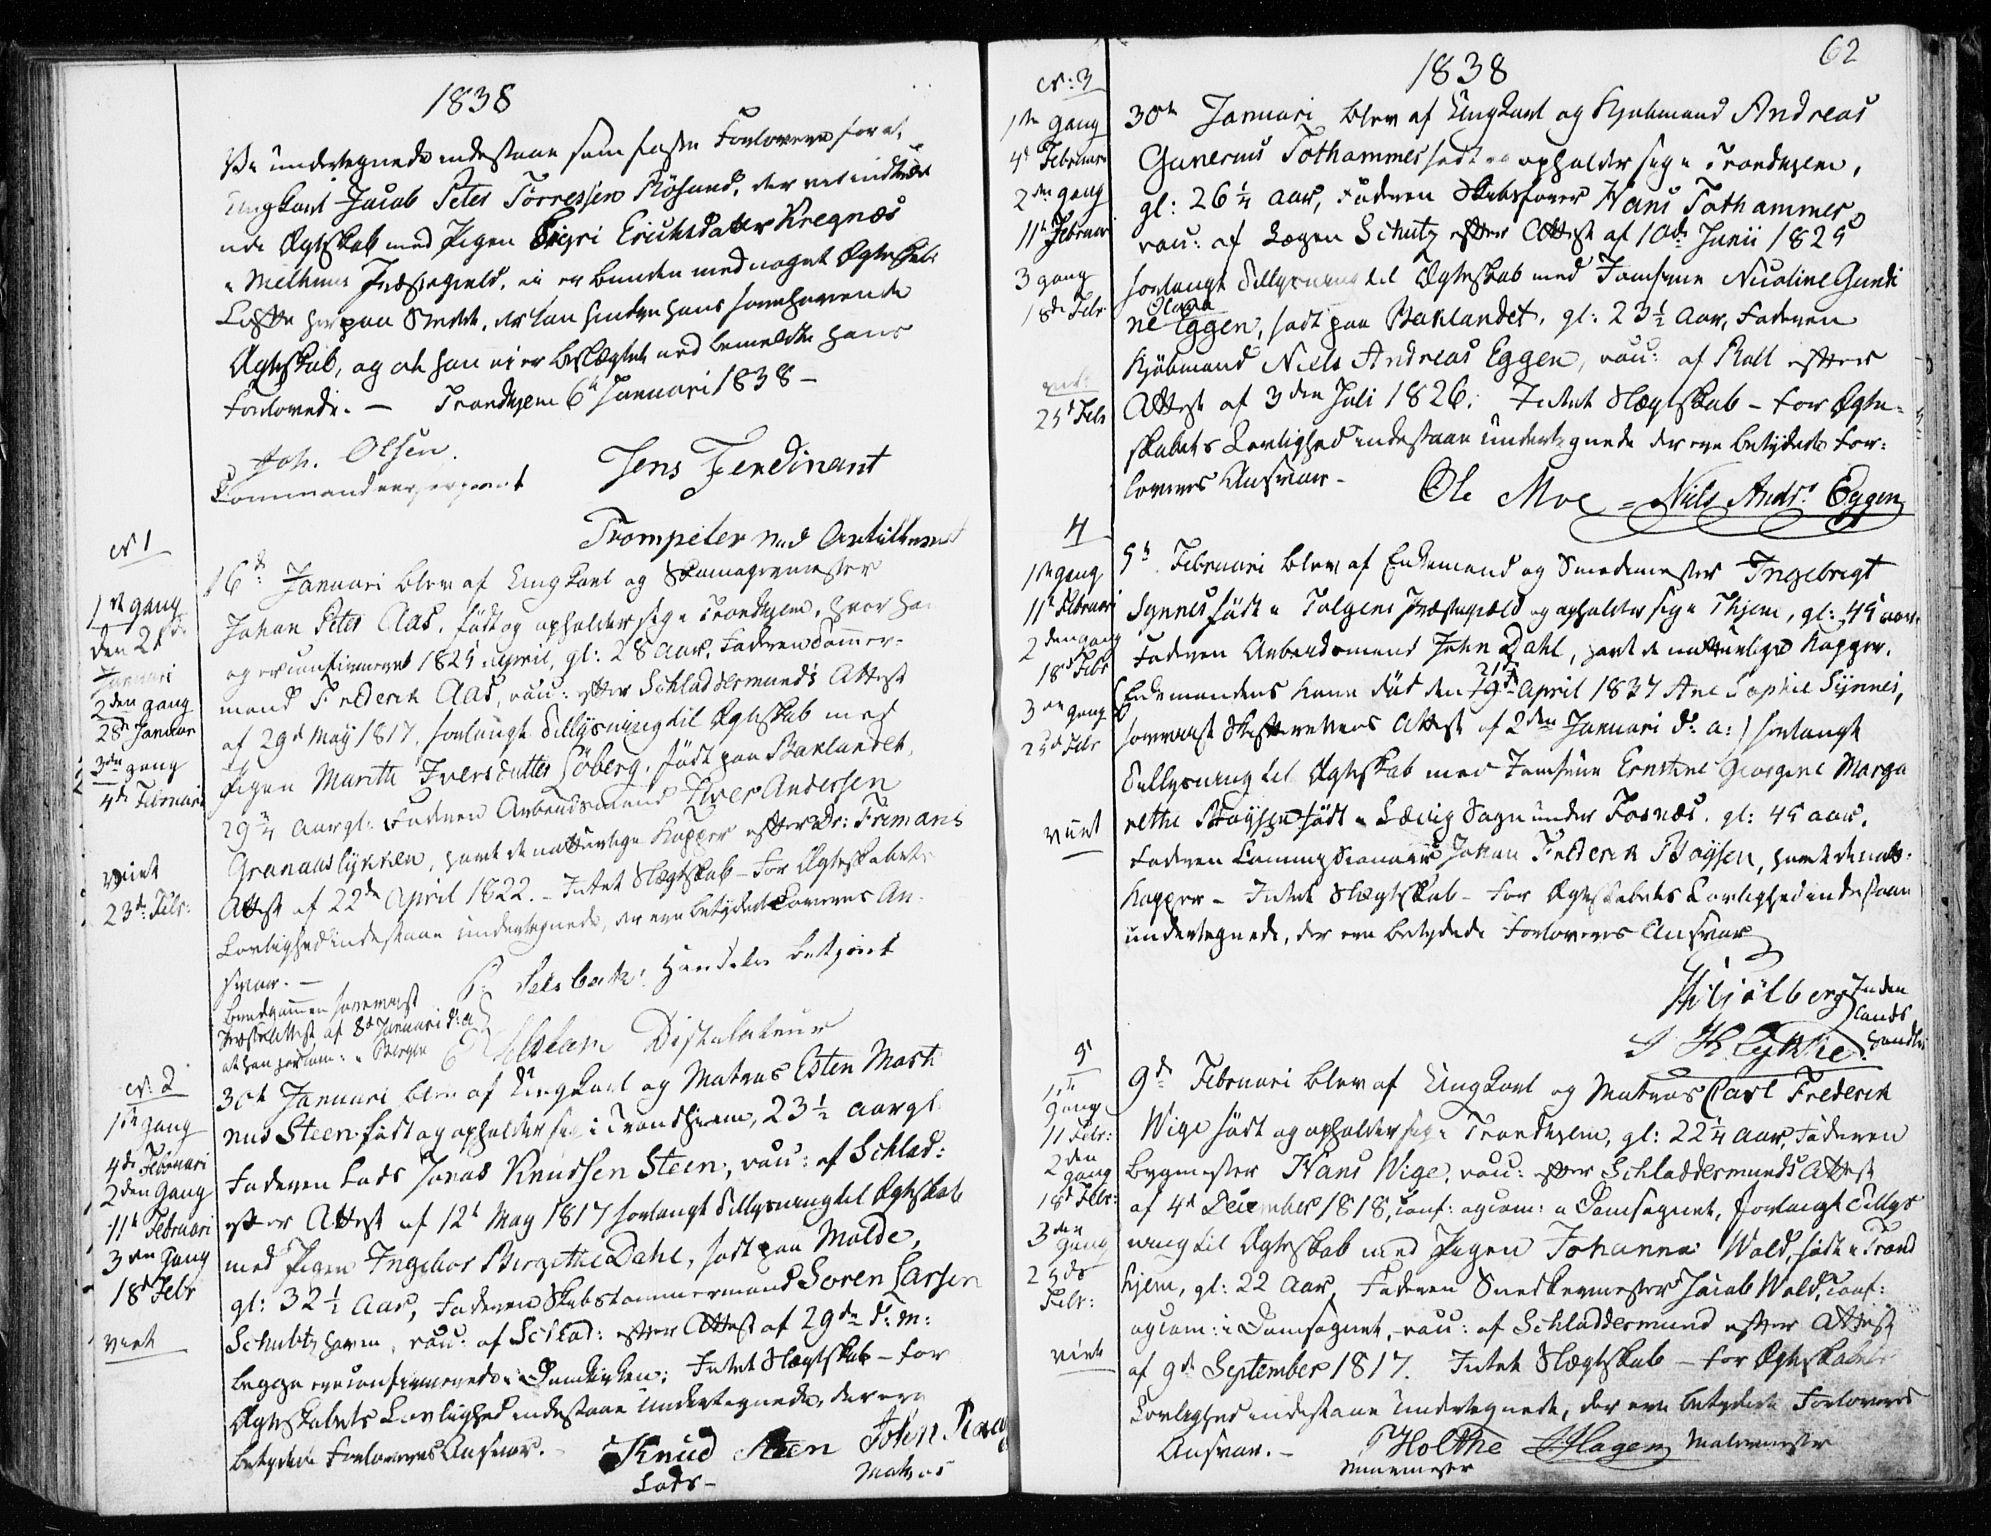 SAT, Ministerialprotokoller, klokkerbøker og fødselsregistre - Sør-Trøndelag, 601/L0046: Ministerialbok nr. 601A14, 1830-1841, s. 62